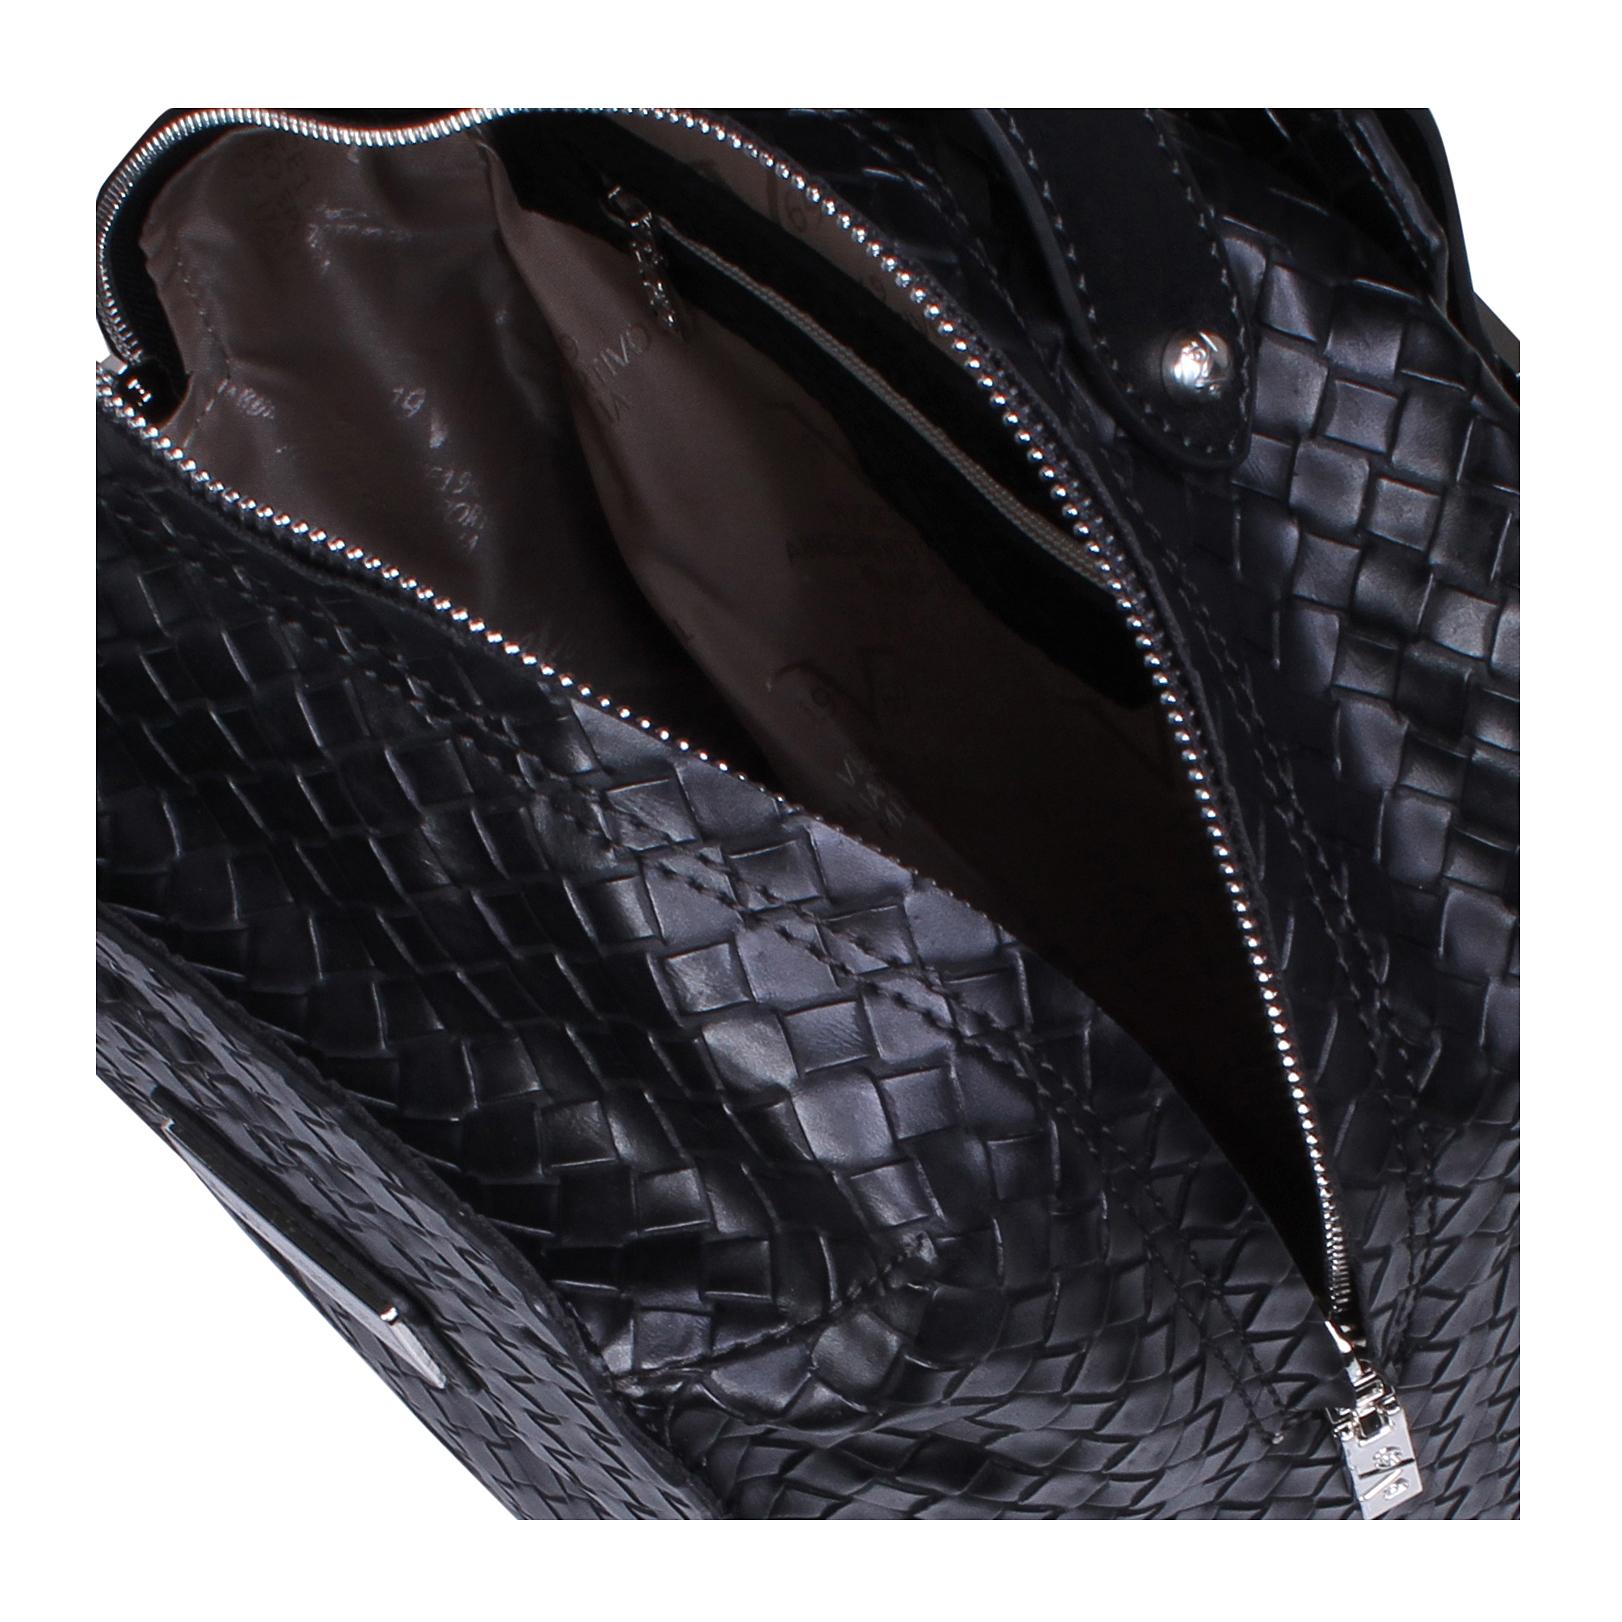 millie versace 1969 millie black day bag by versace 1969. Black Bedroom Furniture Sets. Home Design Ideas